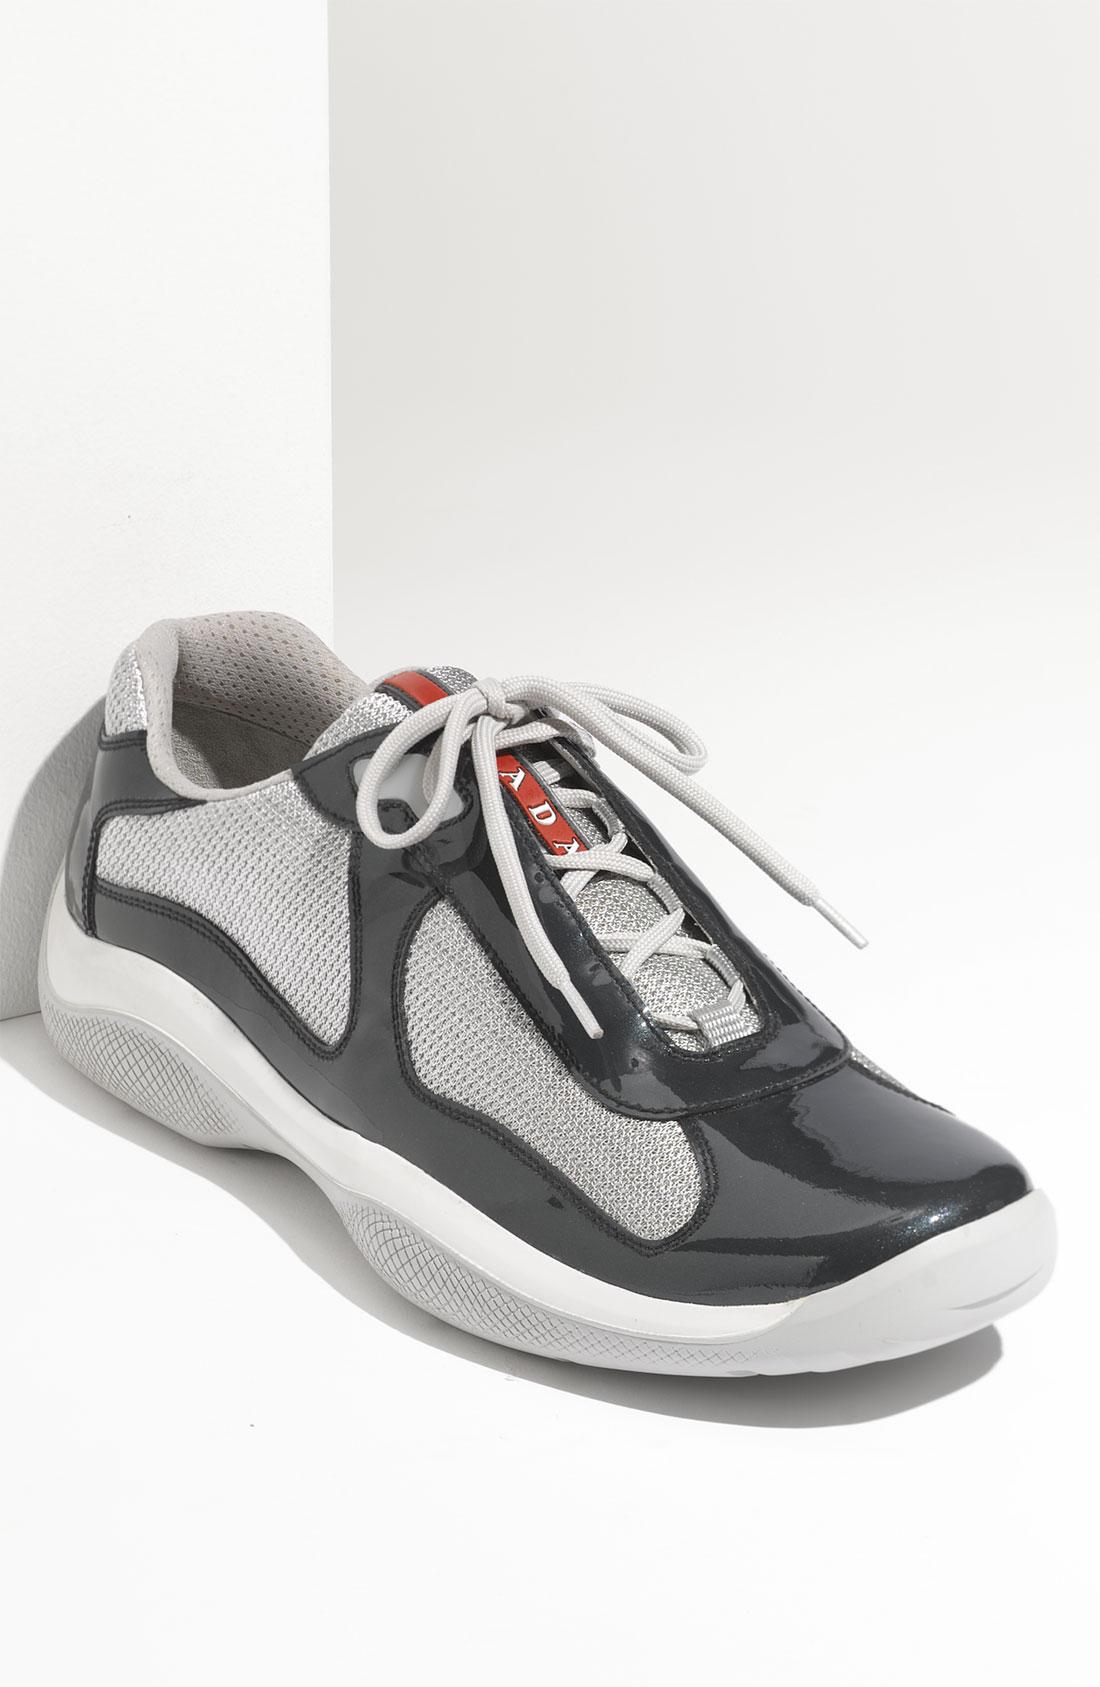 Prada Mens Shoes Sale